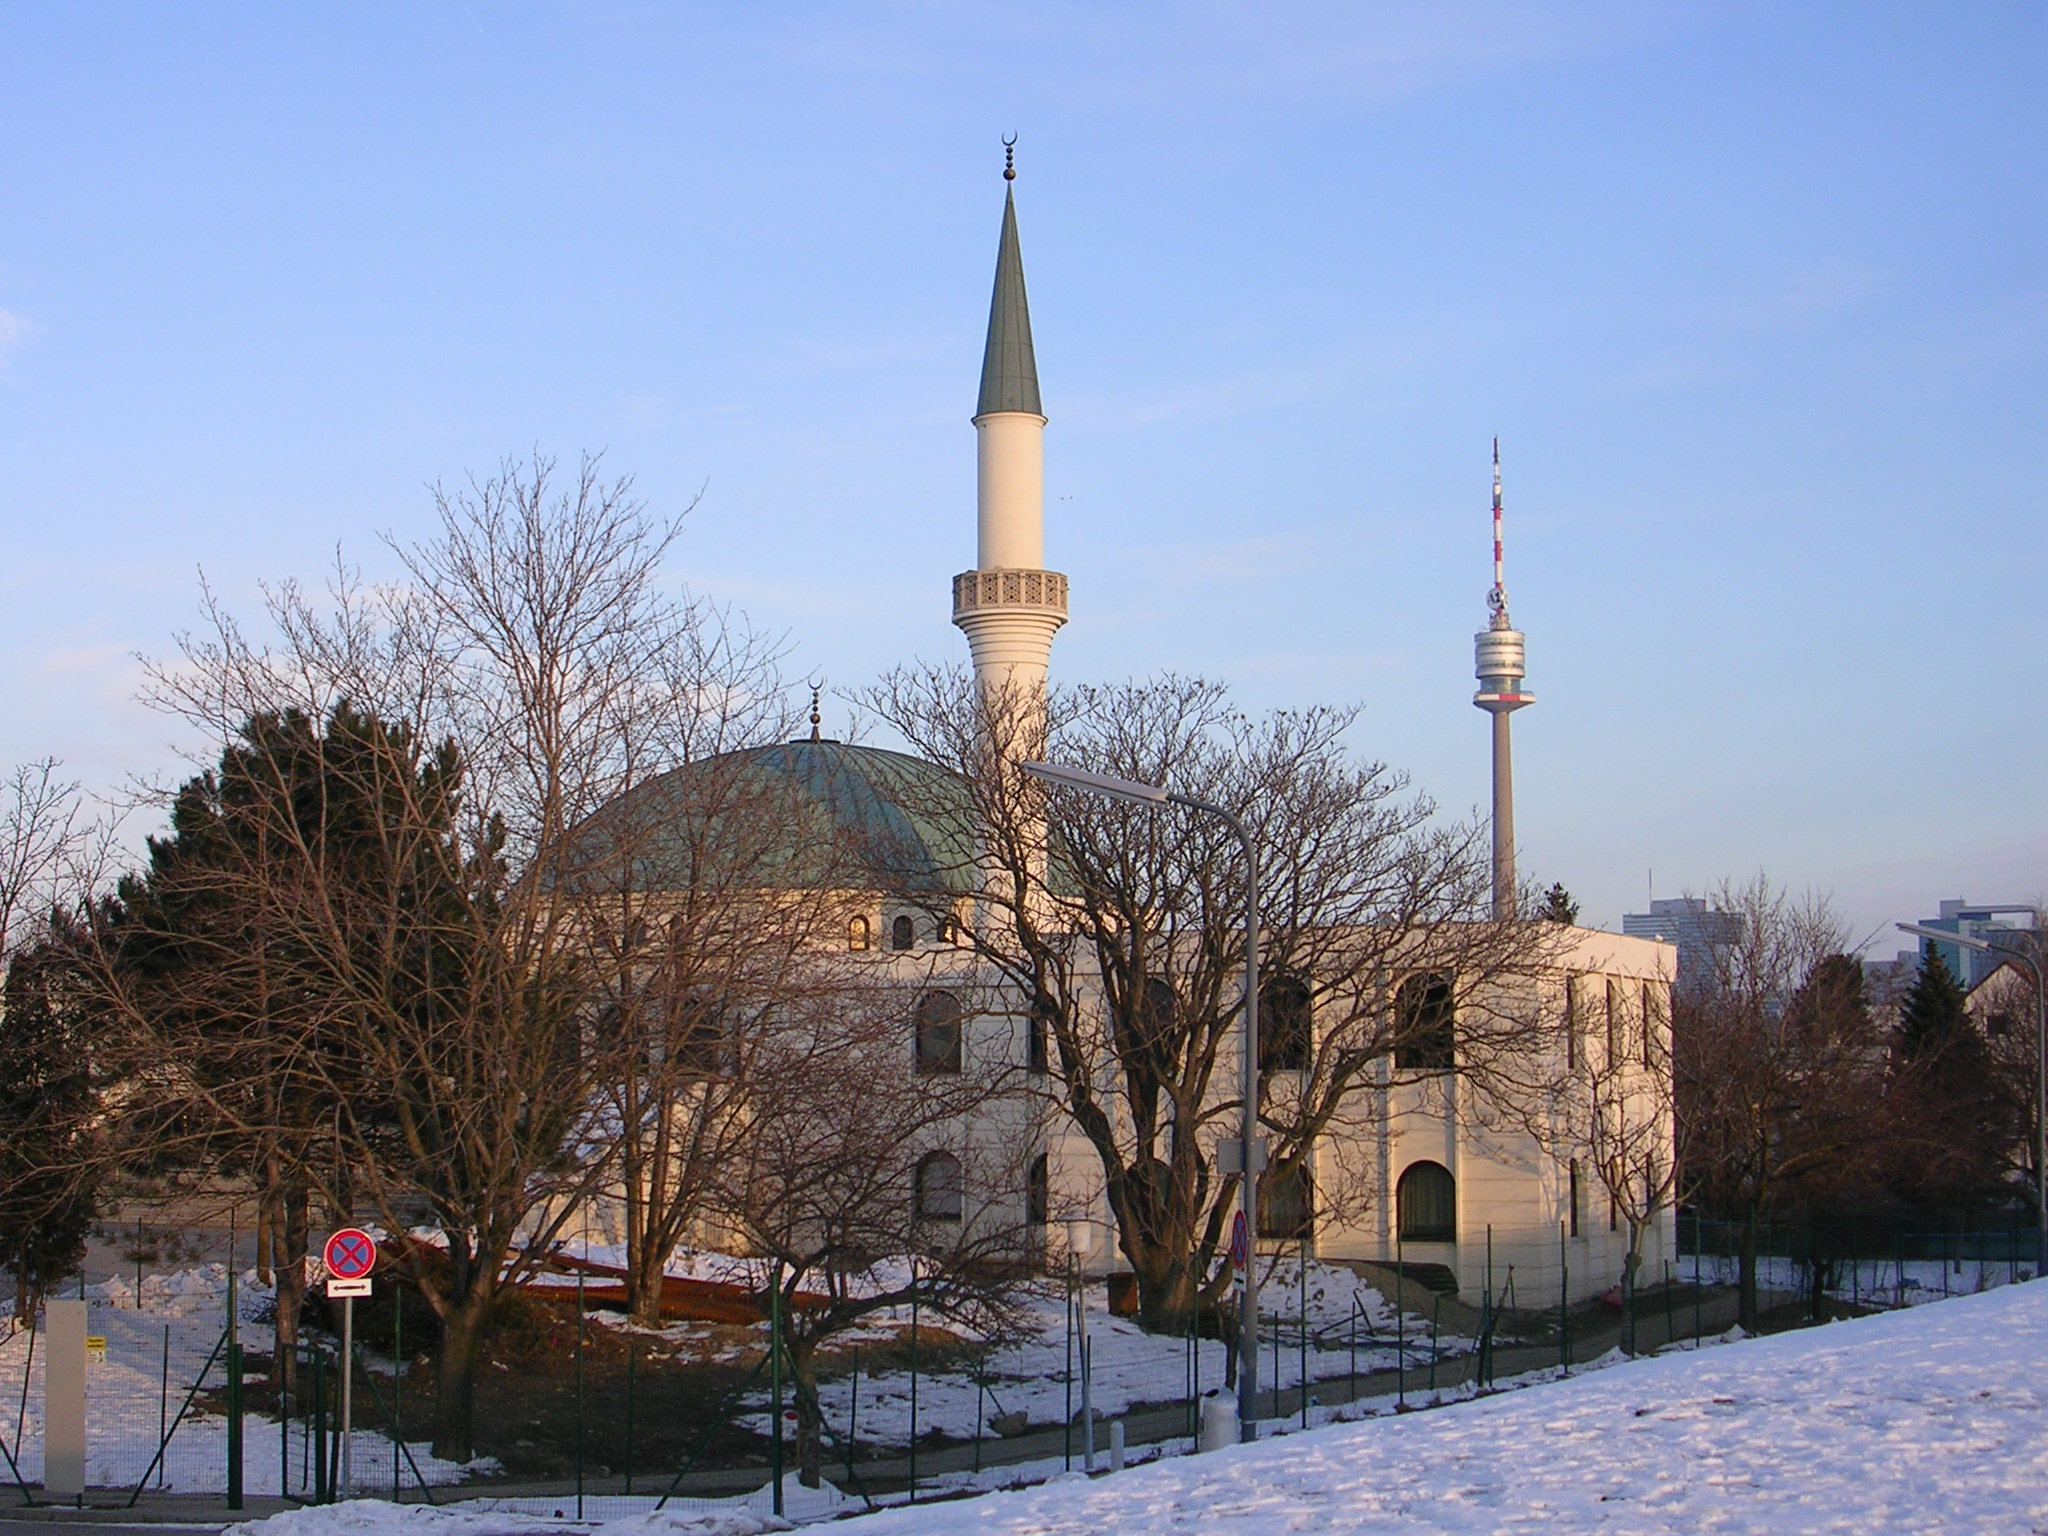 http://upload.wikimedia.org/wikipedia/commons/0/04/Moschee_Wien.jpg